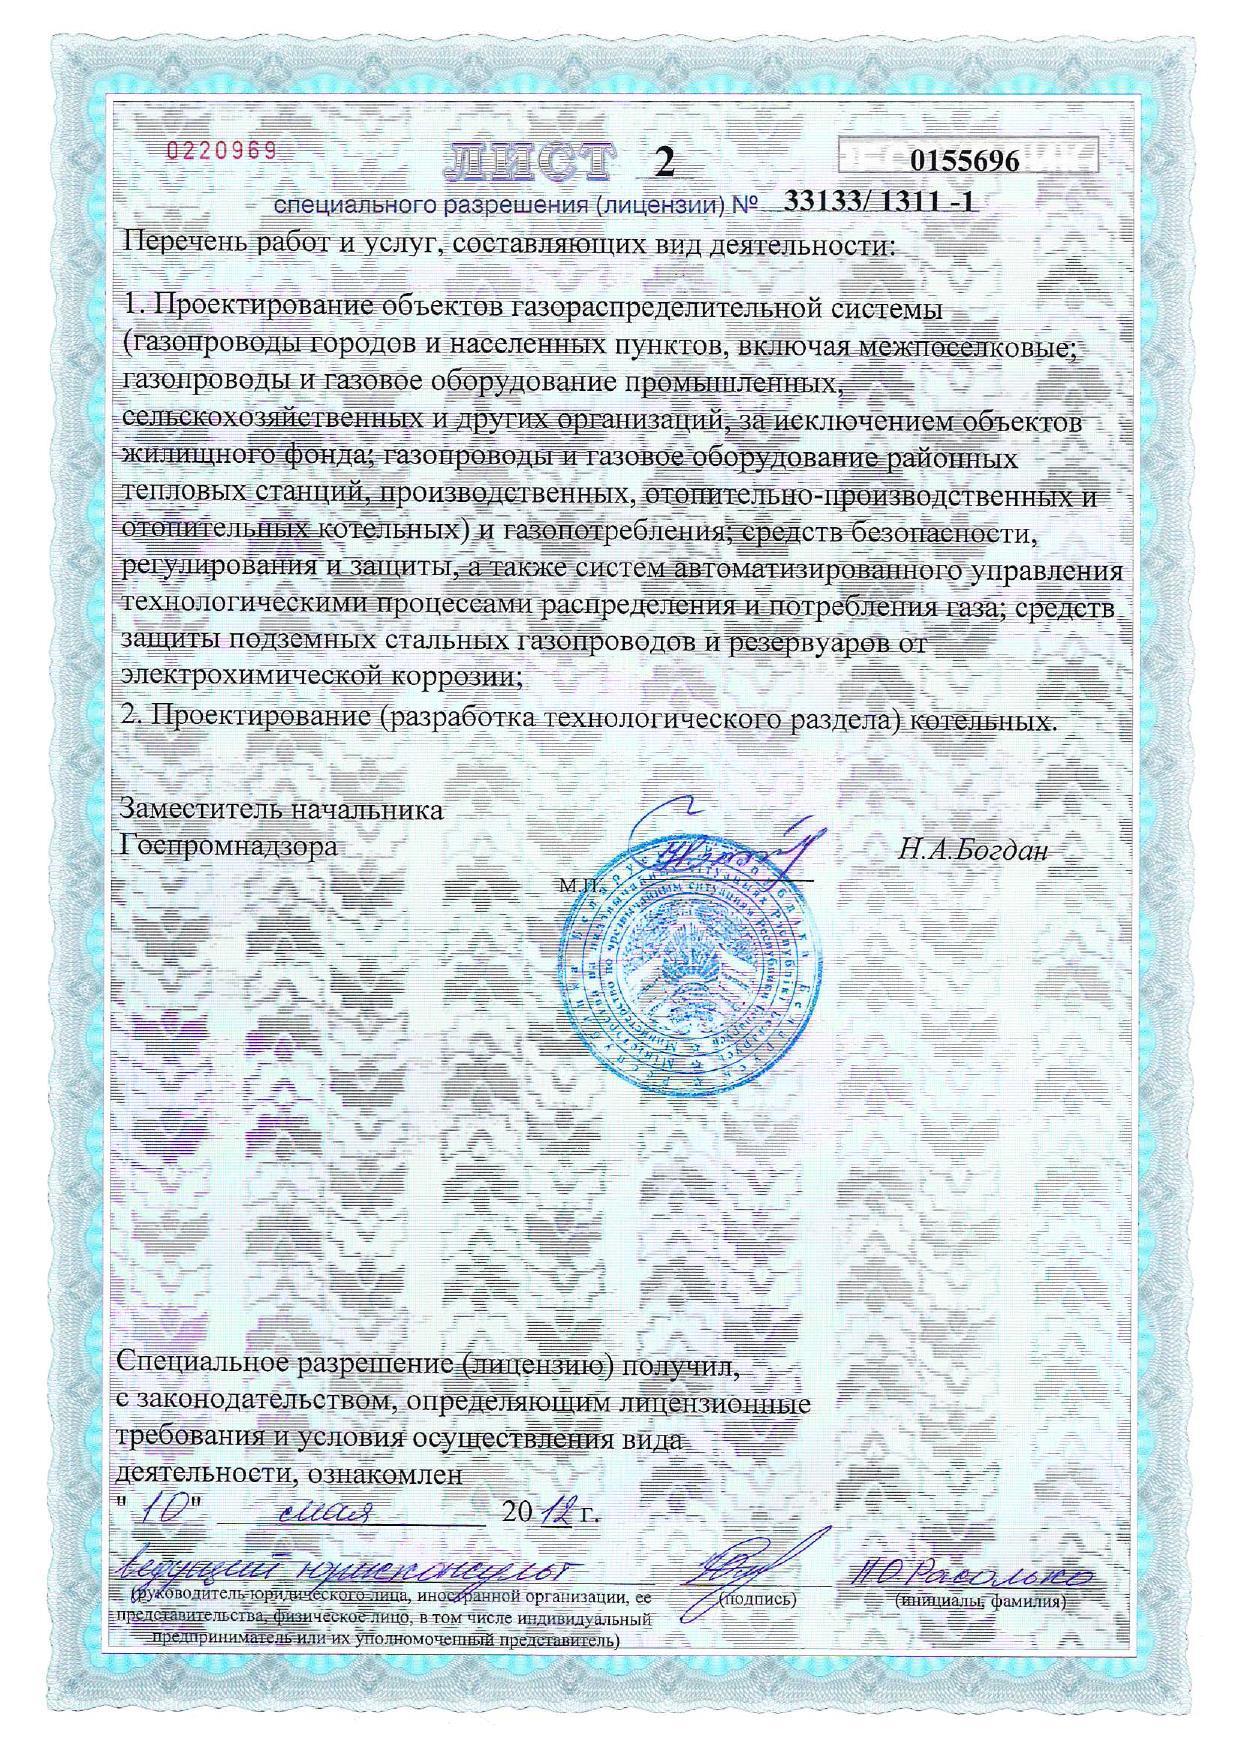 7.1 Лицензия МЧС (проектирование объектов газораспределительной системы, котельных)